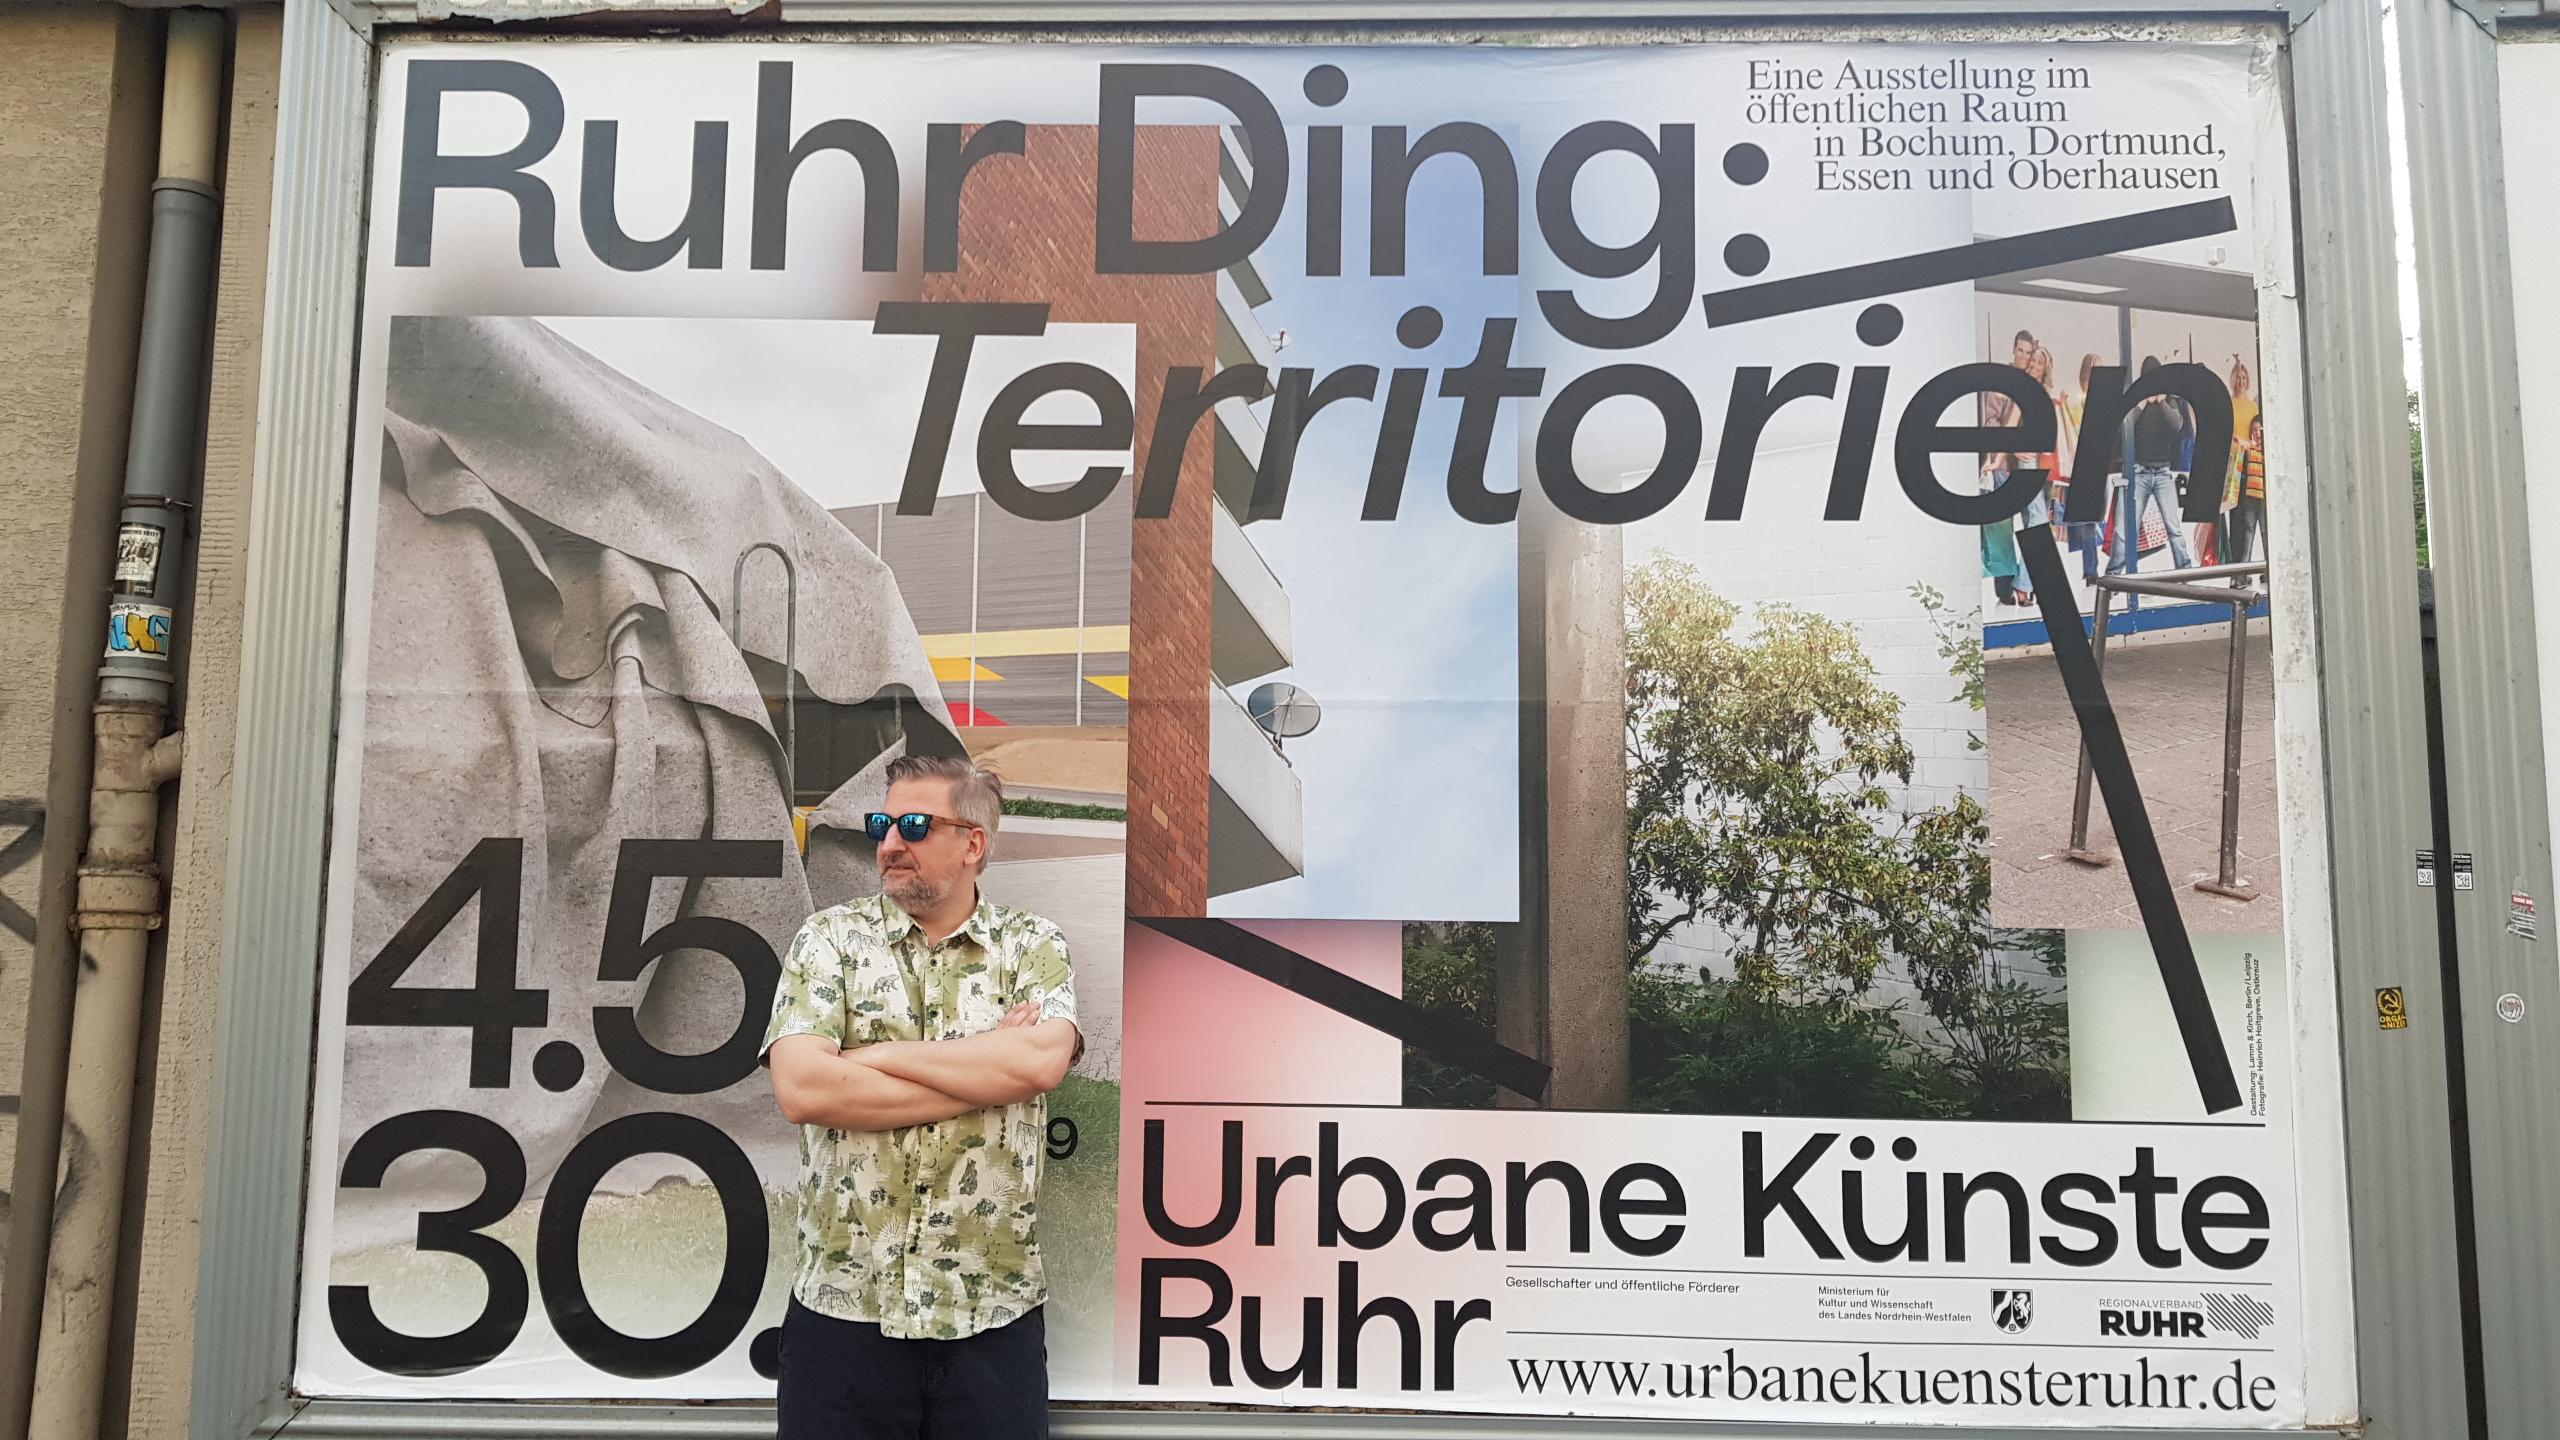 Bilder_atc_atikel_Dash_vor plakat_ruhr ding_2019